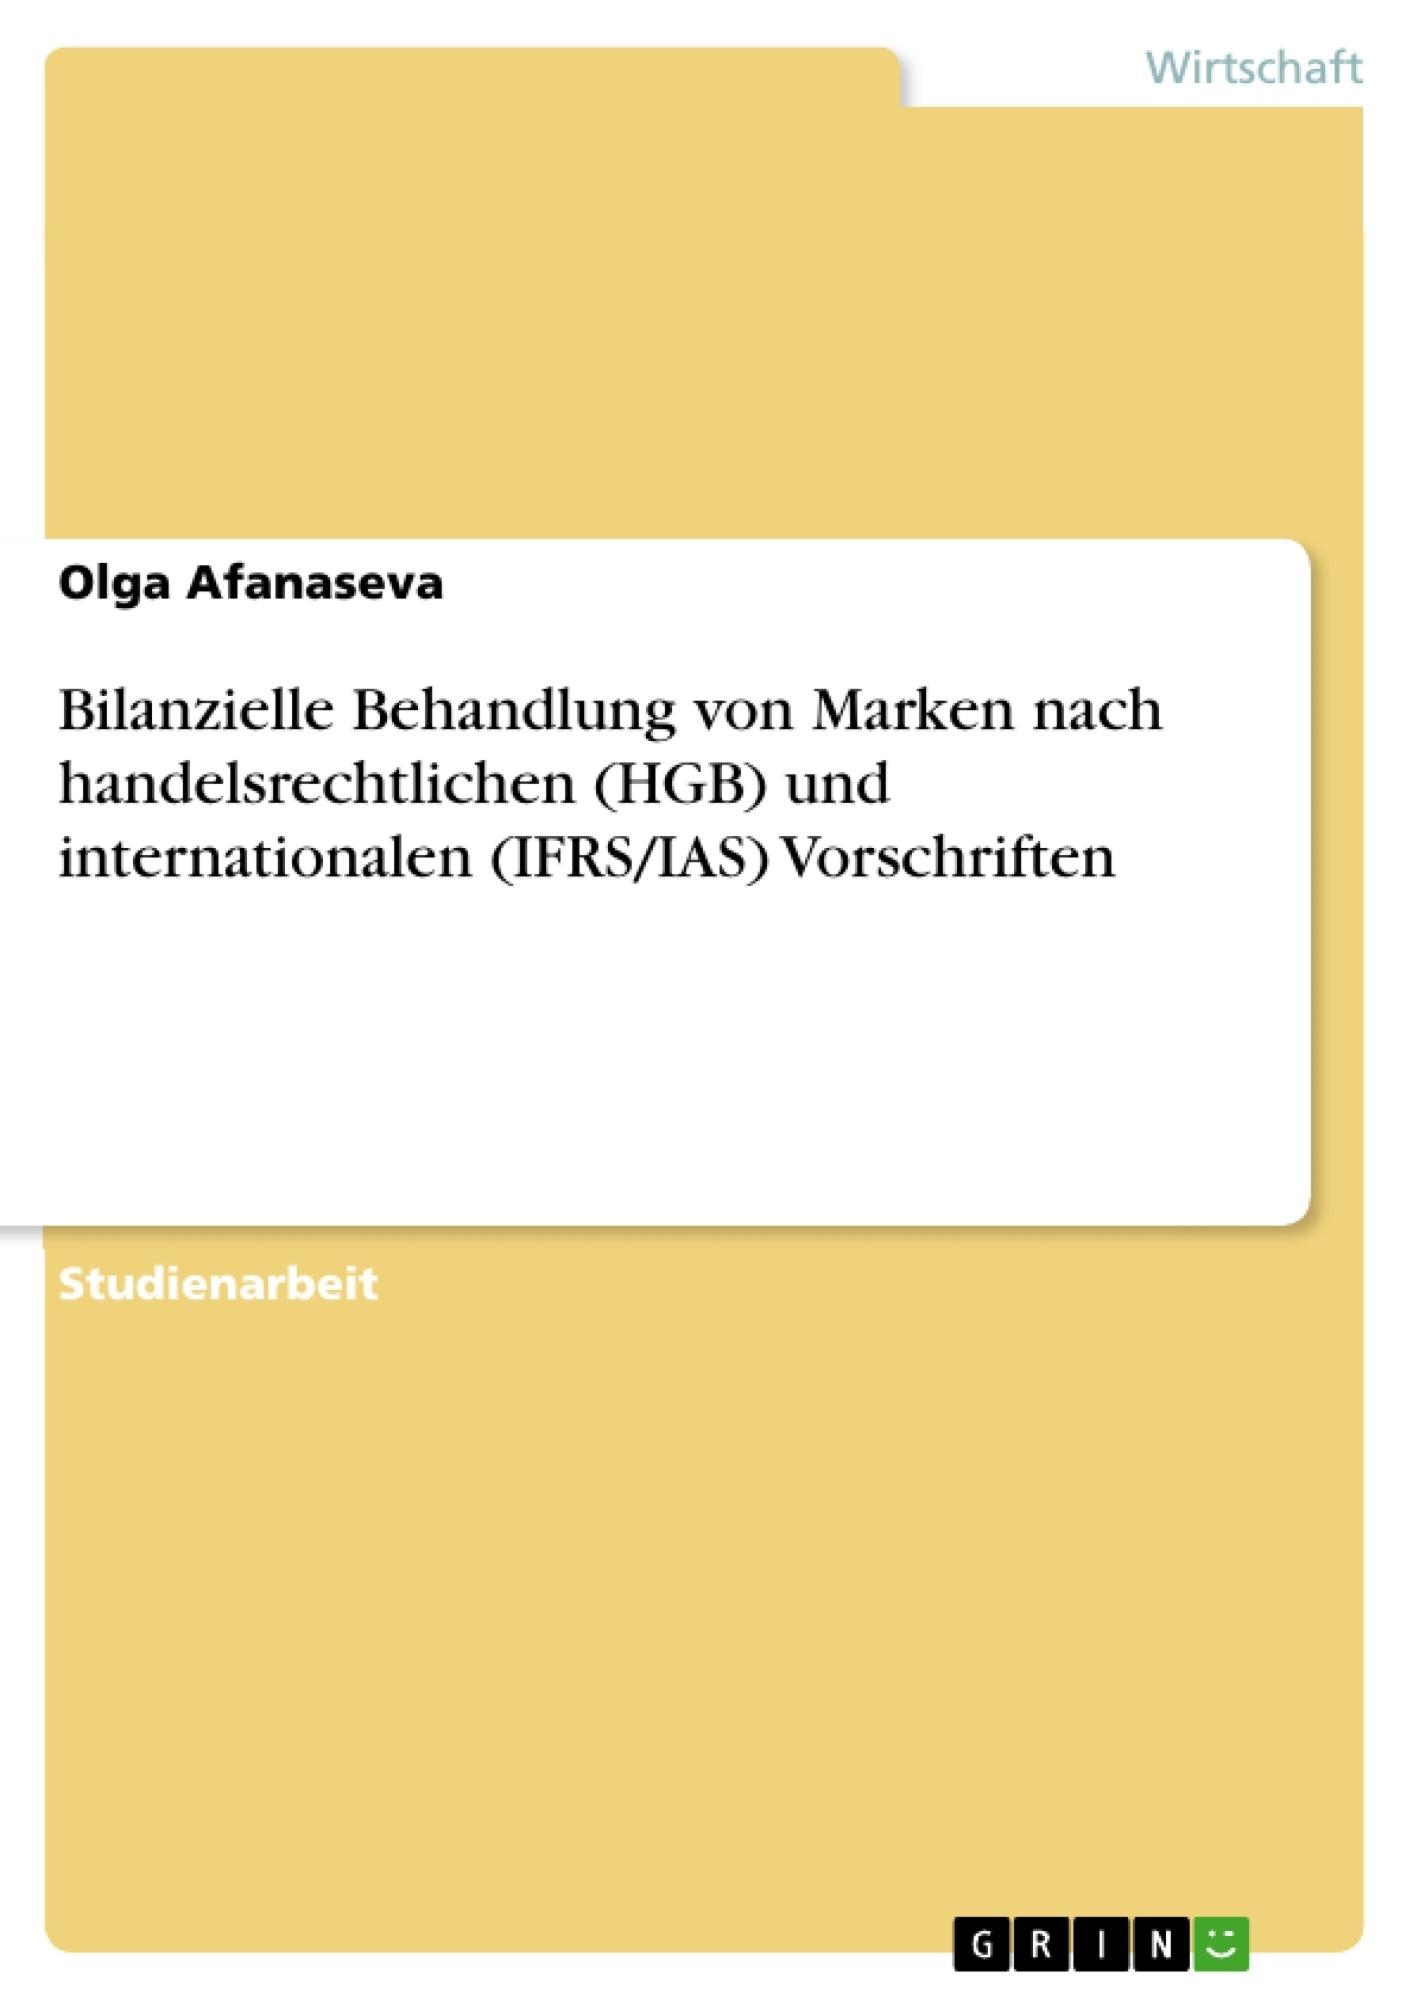 Titel: Bilanzielle Behandlung von Marken nach handelsrechtlichen (HGB) und internationalen (IFRS/IAS) Vorschriften